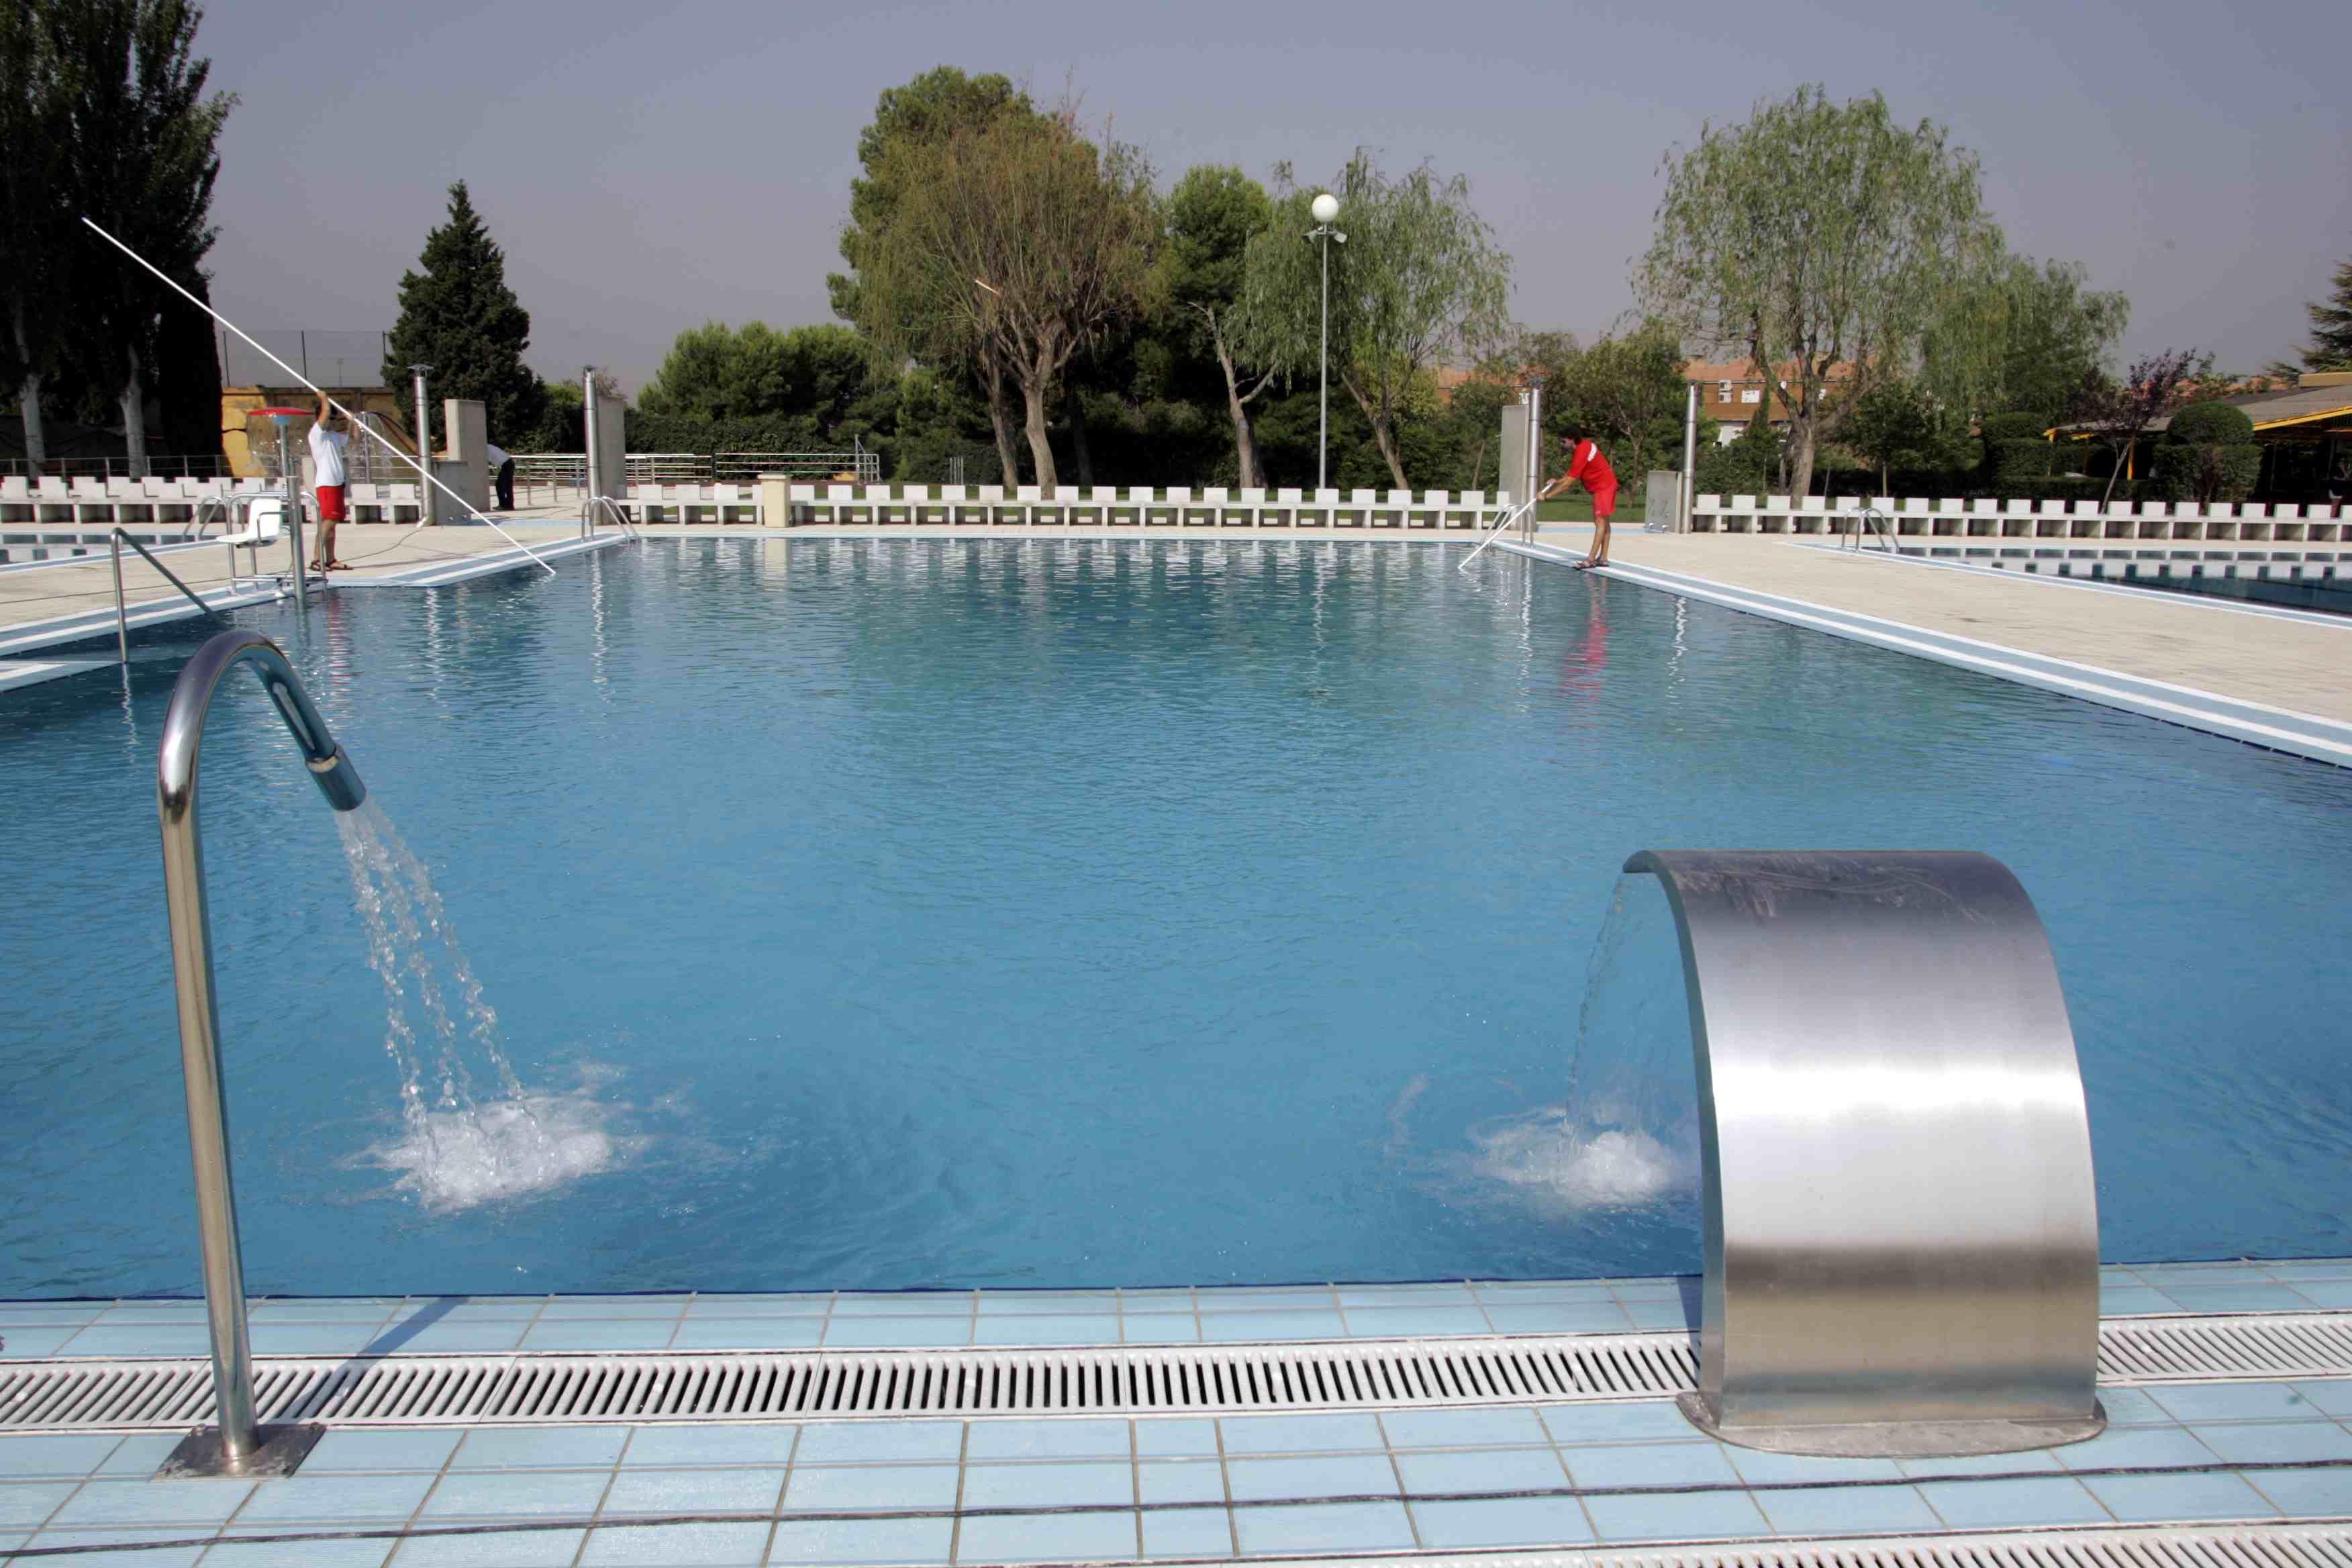 Agua de las piscinas para limpiar las calles el blog de cha - Salfuman para limpiar piscinas ...